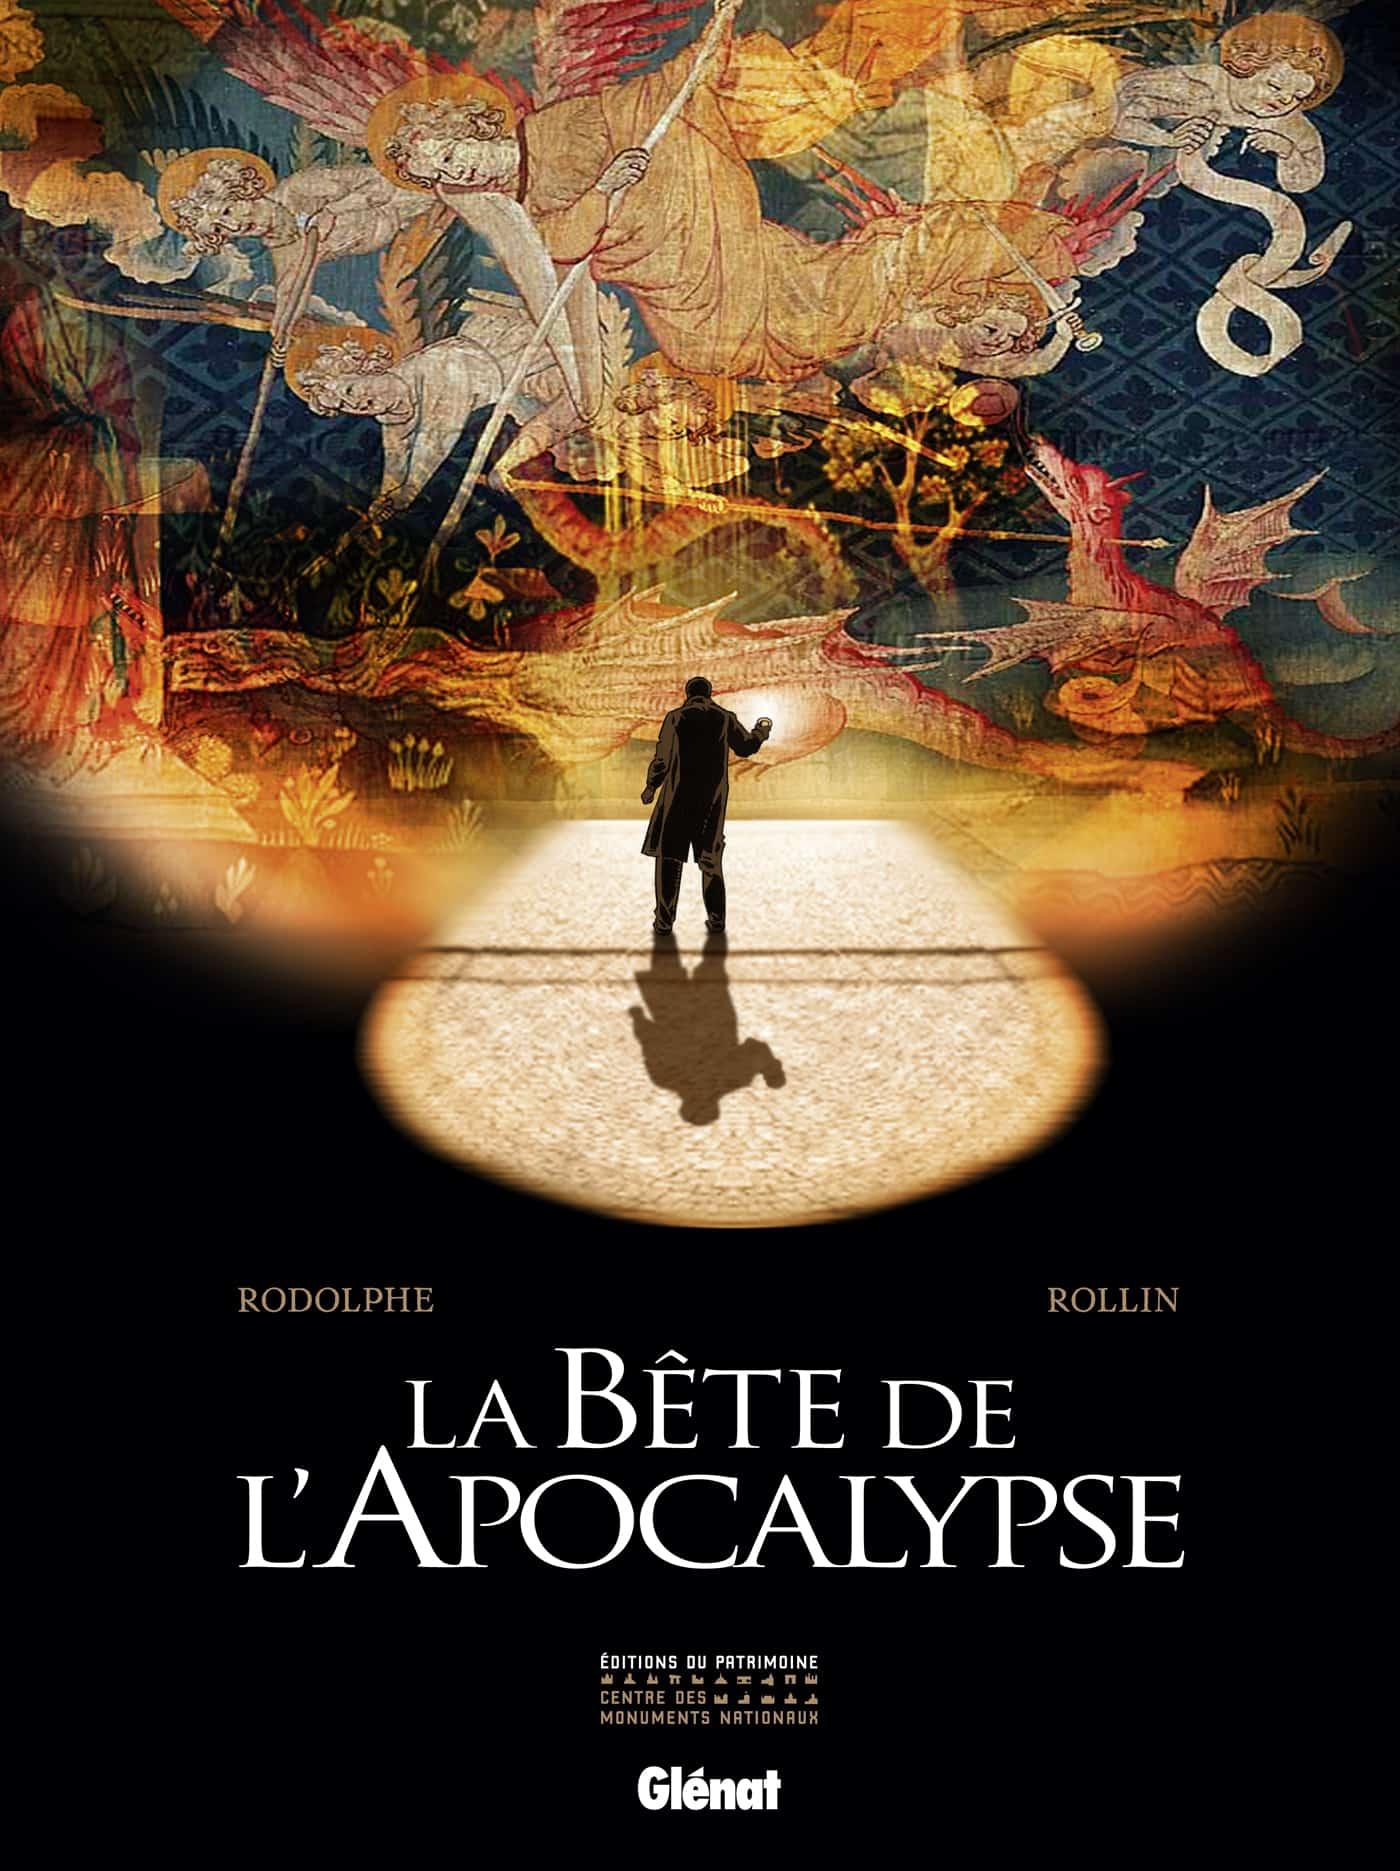 La Bête de l'Apocalypse annonce la fin du monde ?